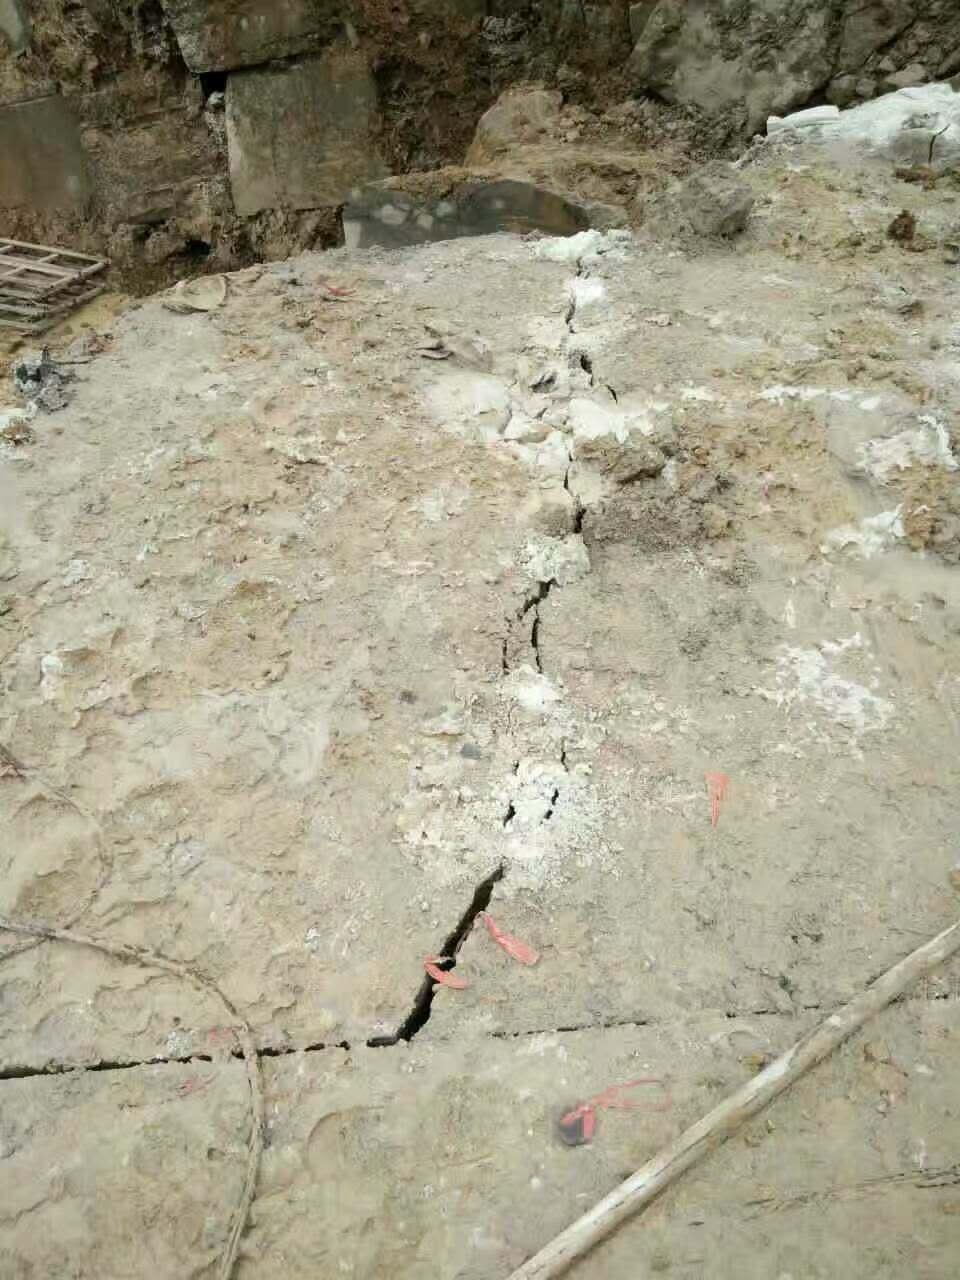 玉树HSCA静态膨胀剂 玉树岩石破碎剂就找宇鸿建材